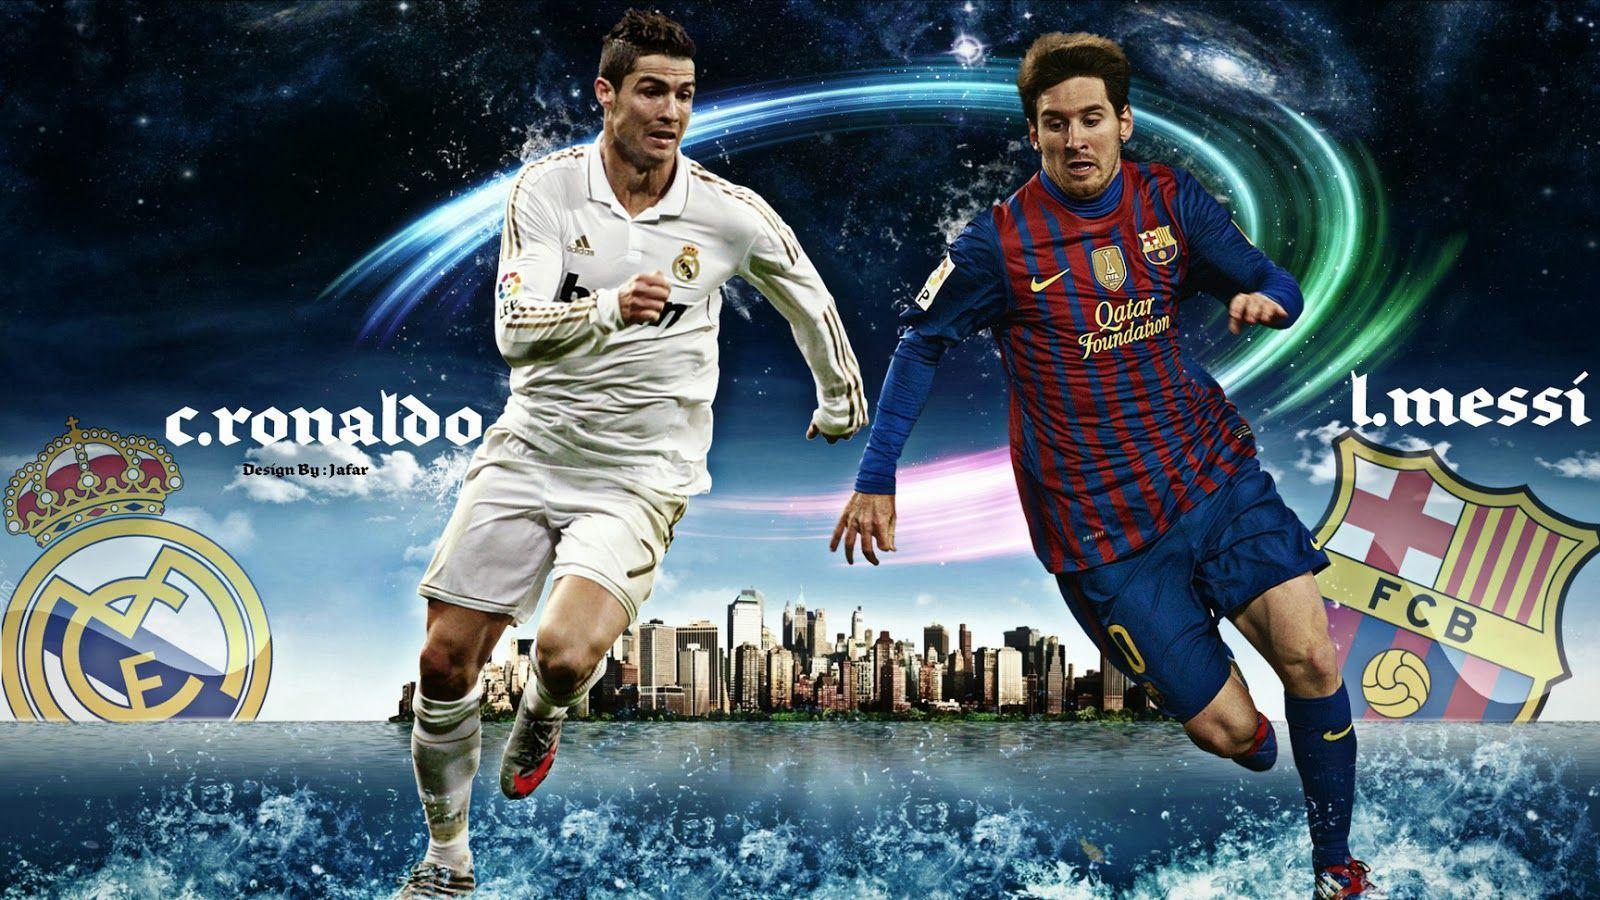 Neymar And Ronaldo 2014